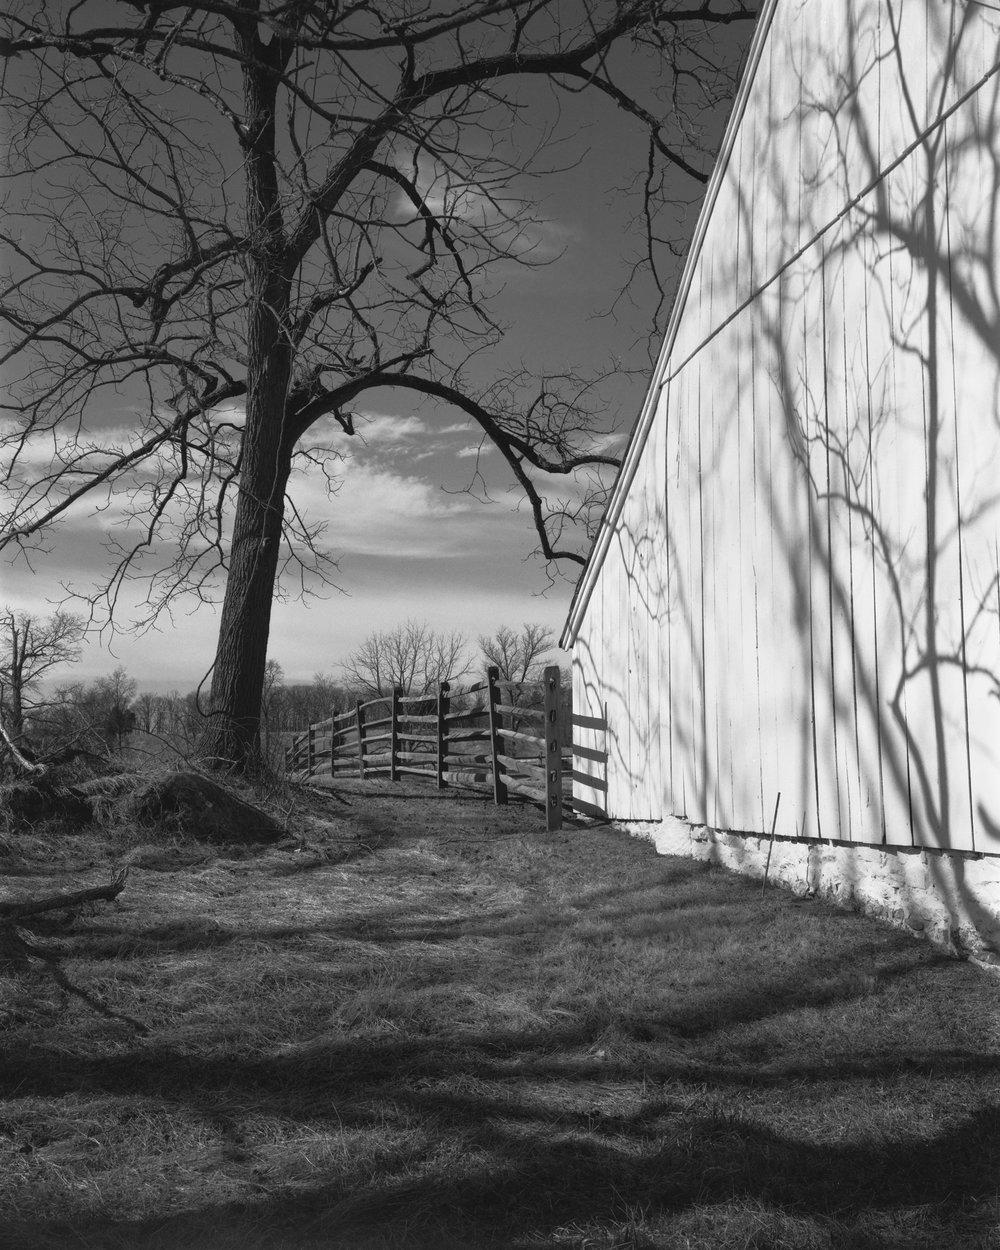 John Slyder Farm - Gettysburg